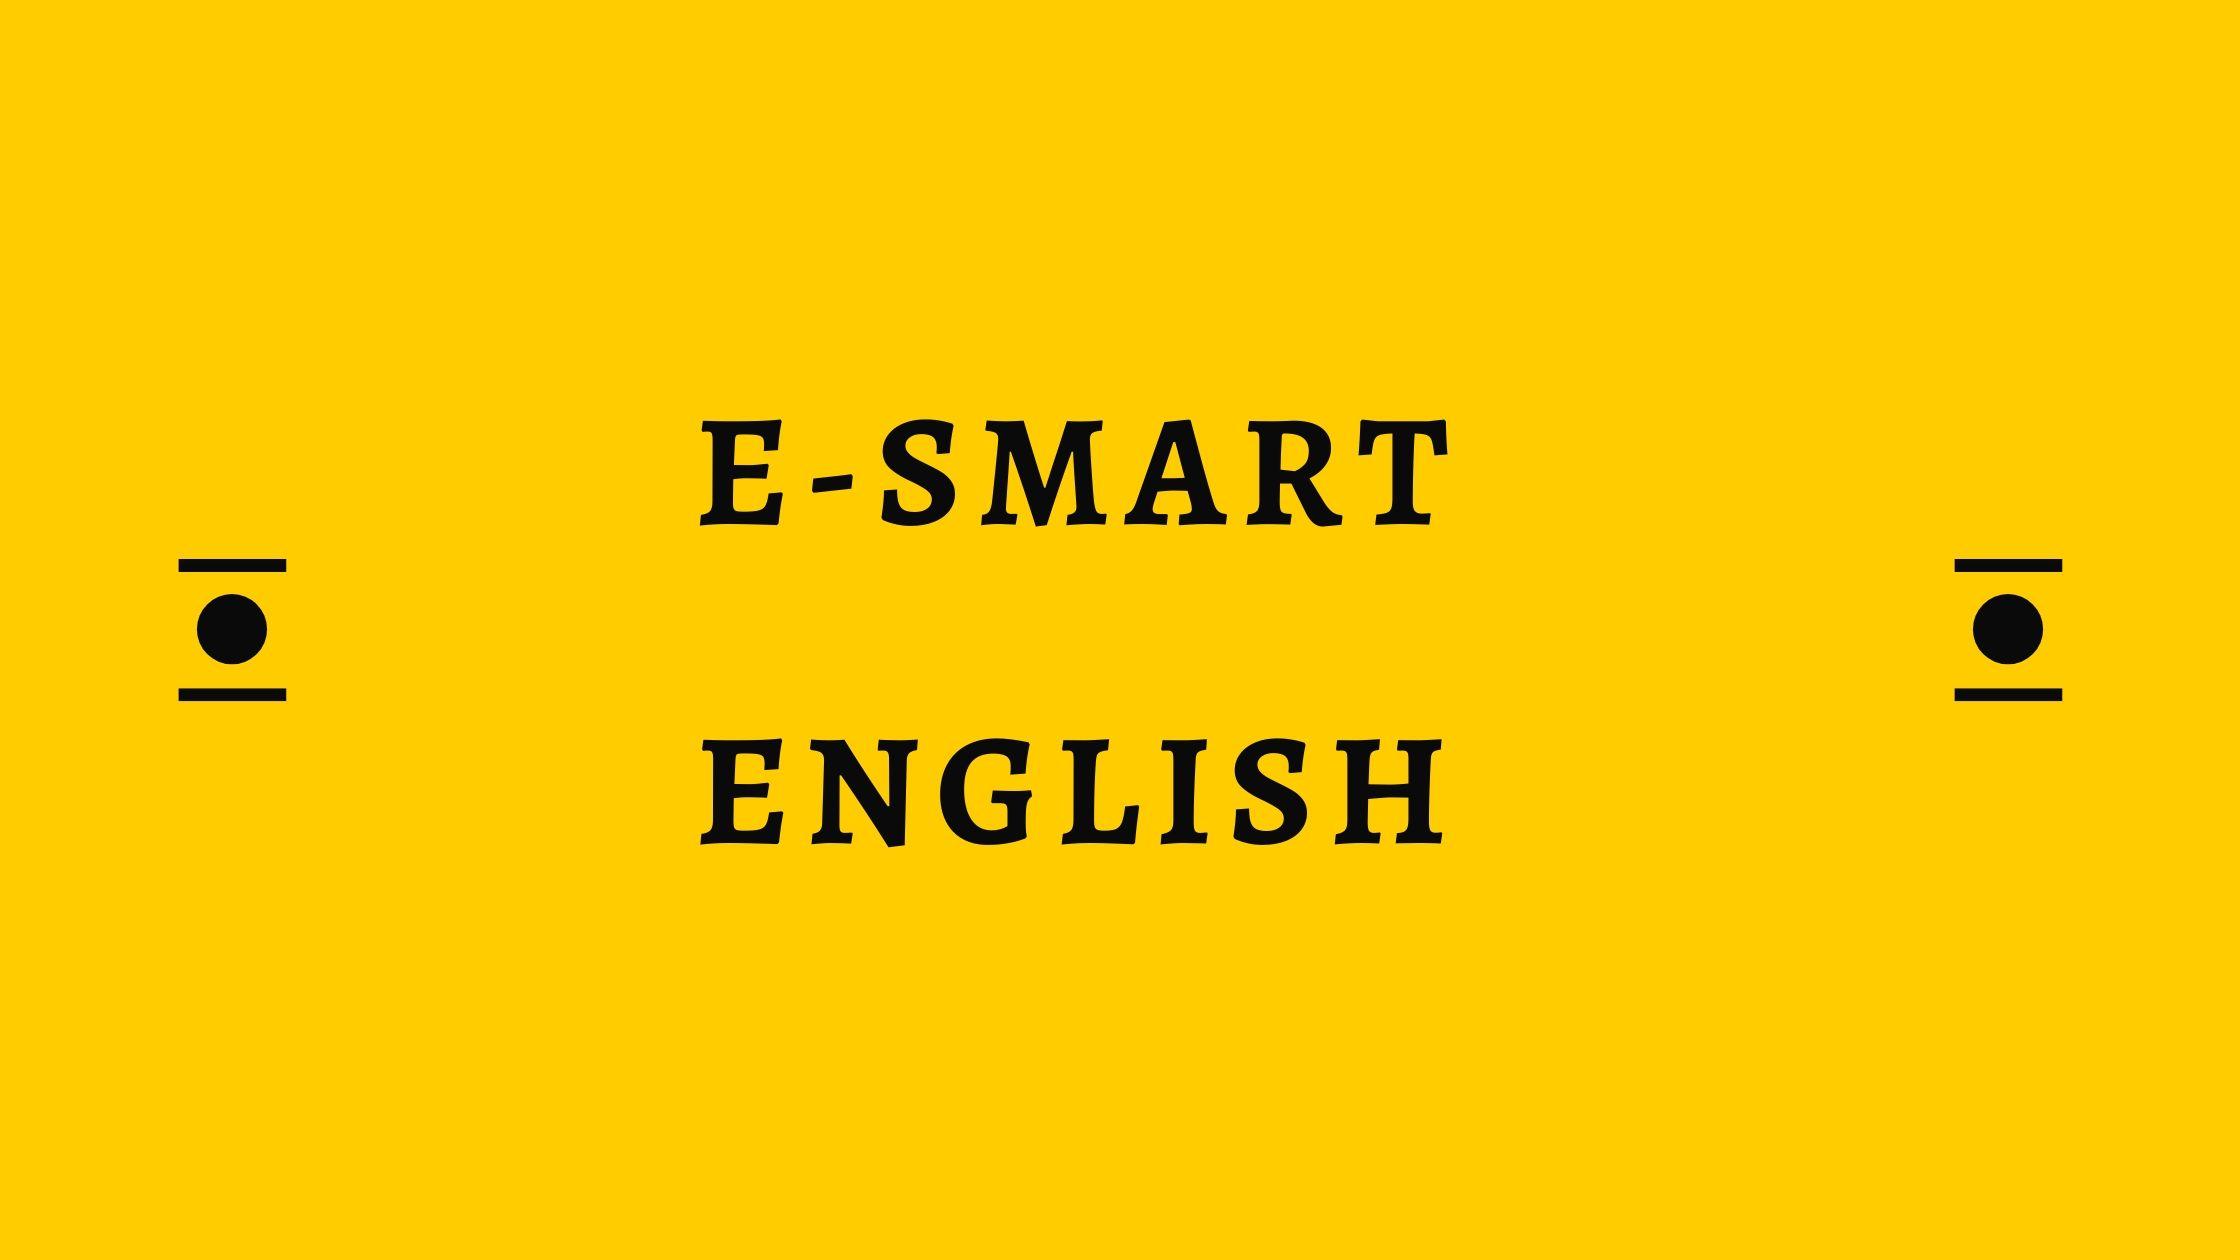 E-smart english